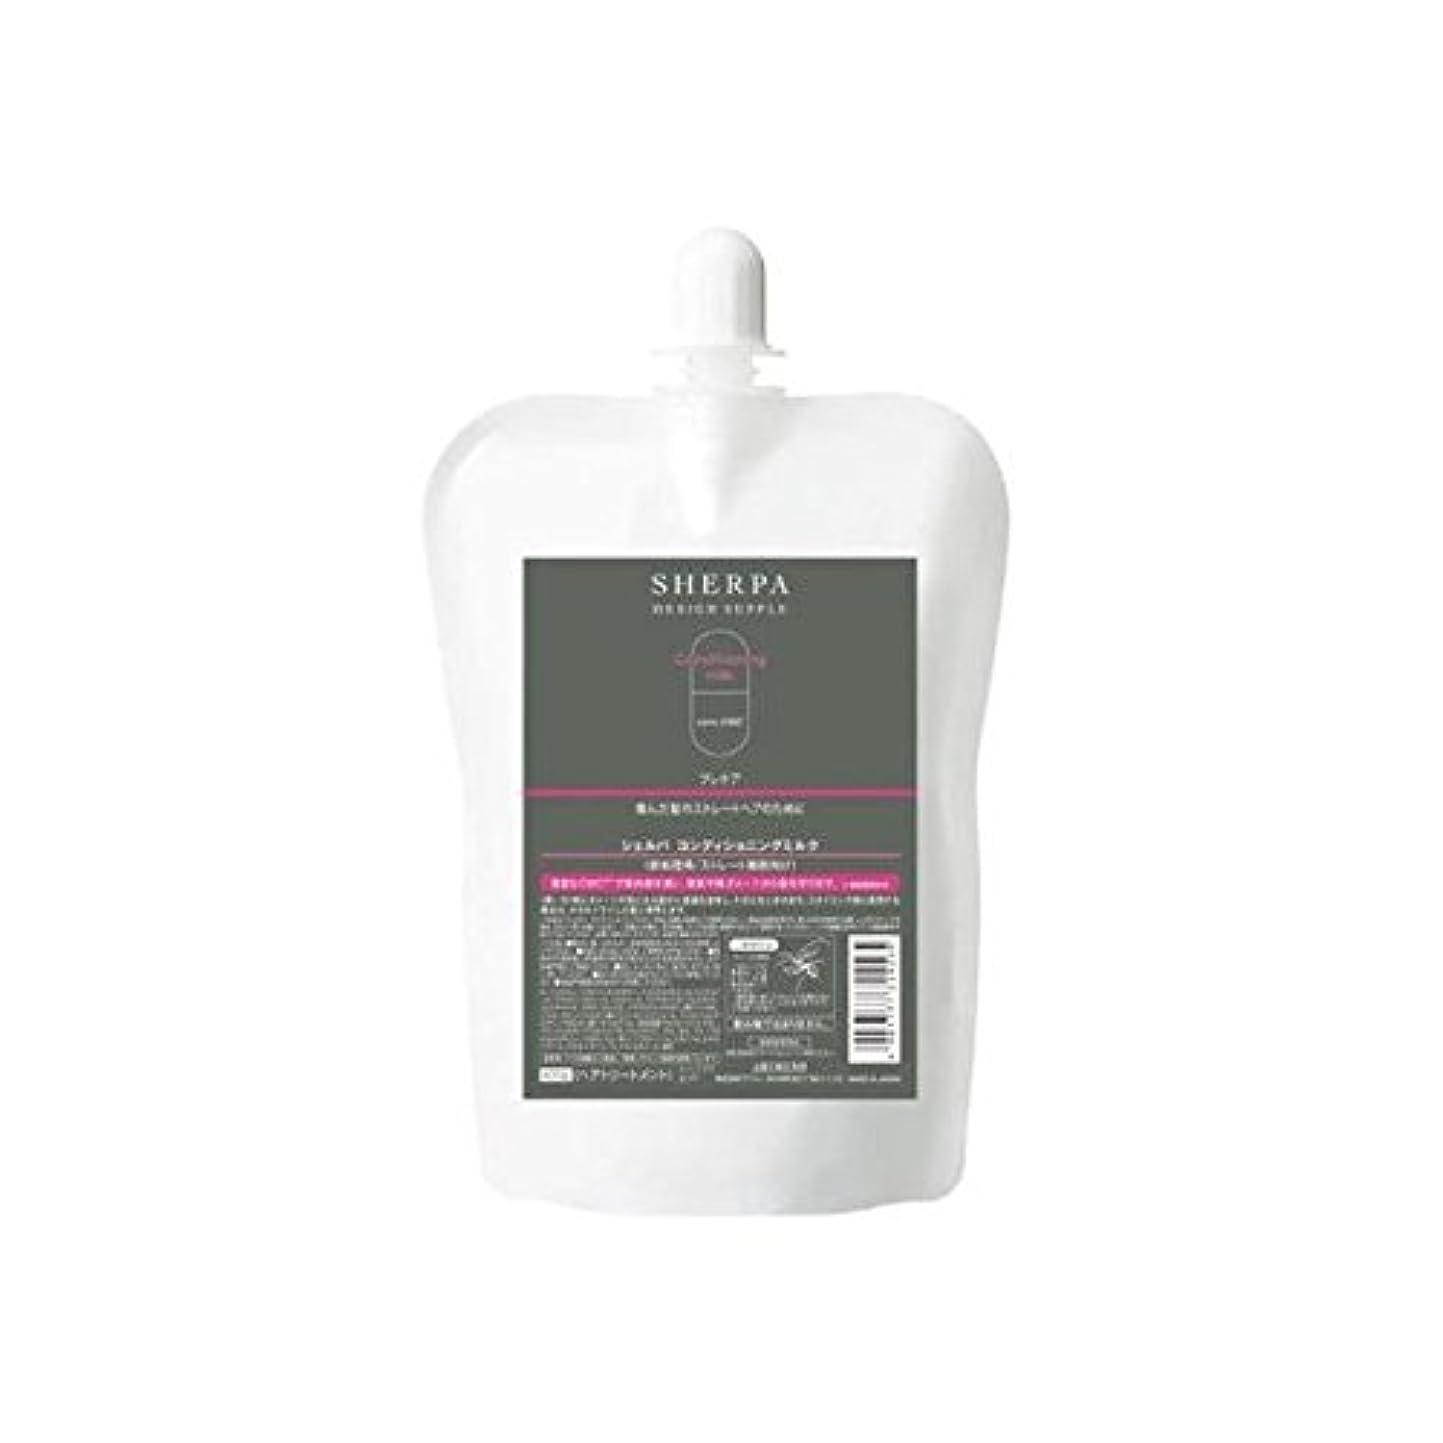 他の日溶接現実的シェルパ コンディショニングミルク 400gリフィル